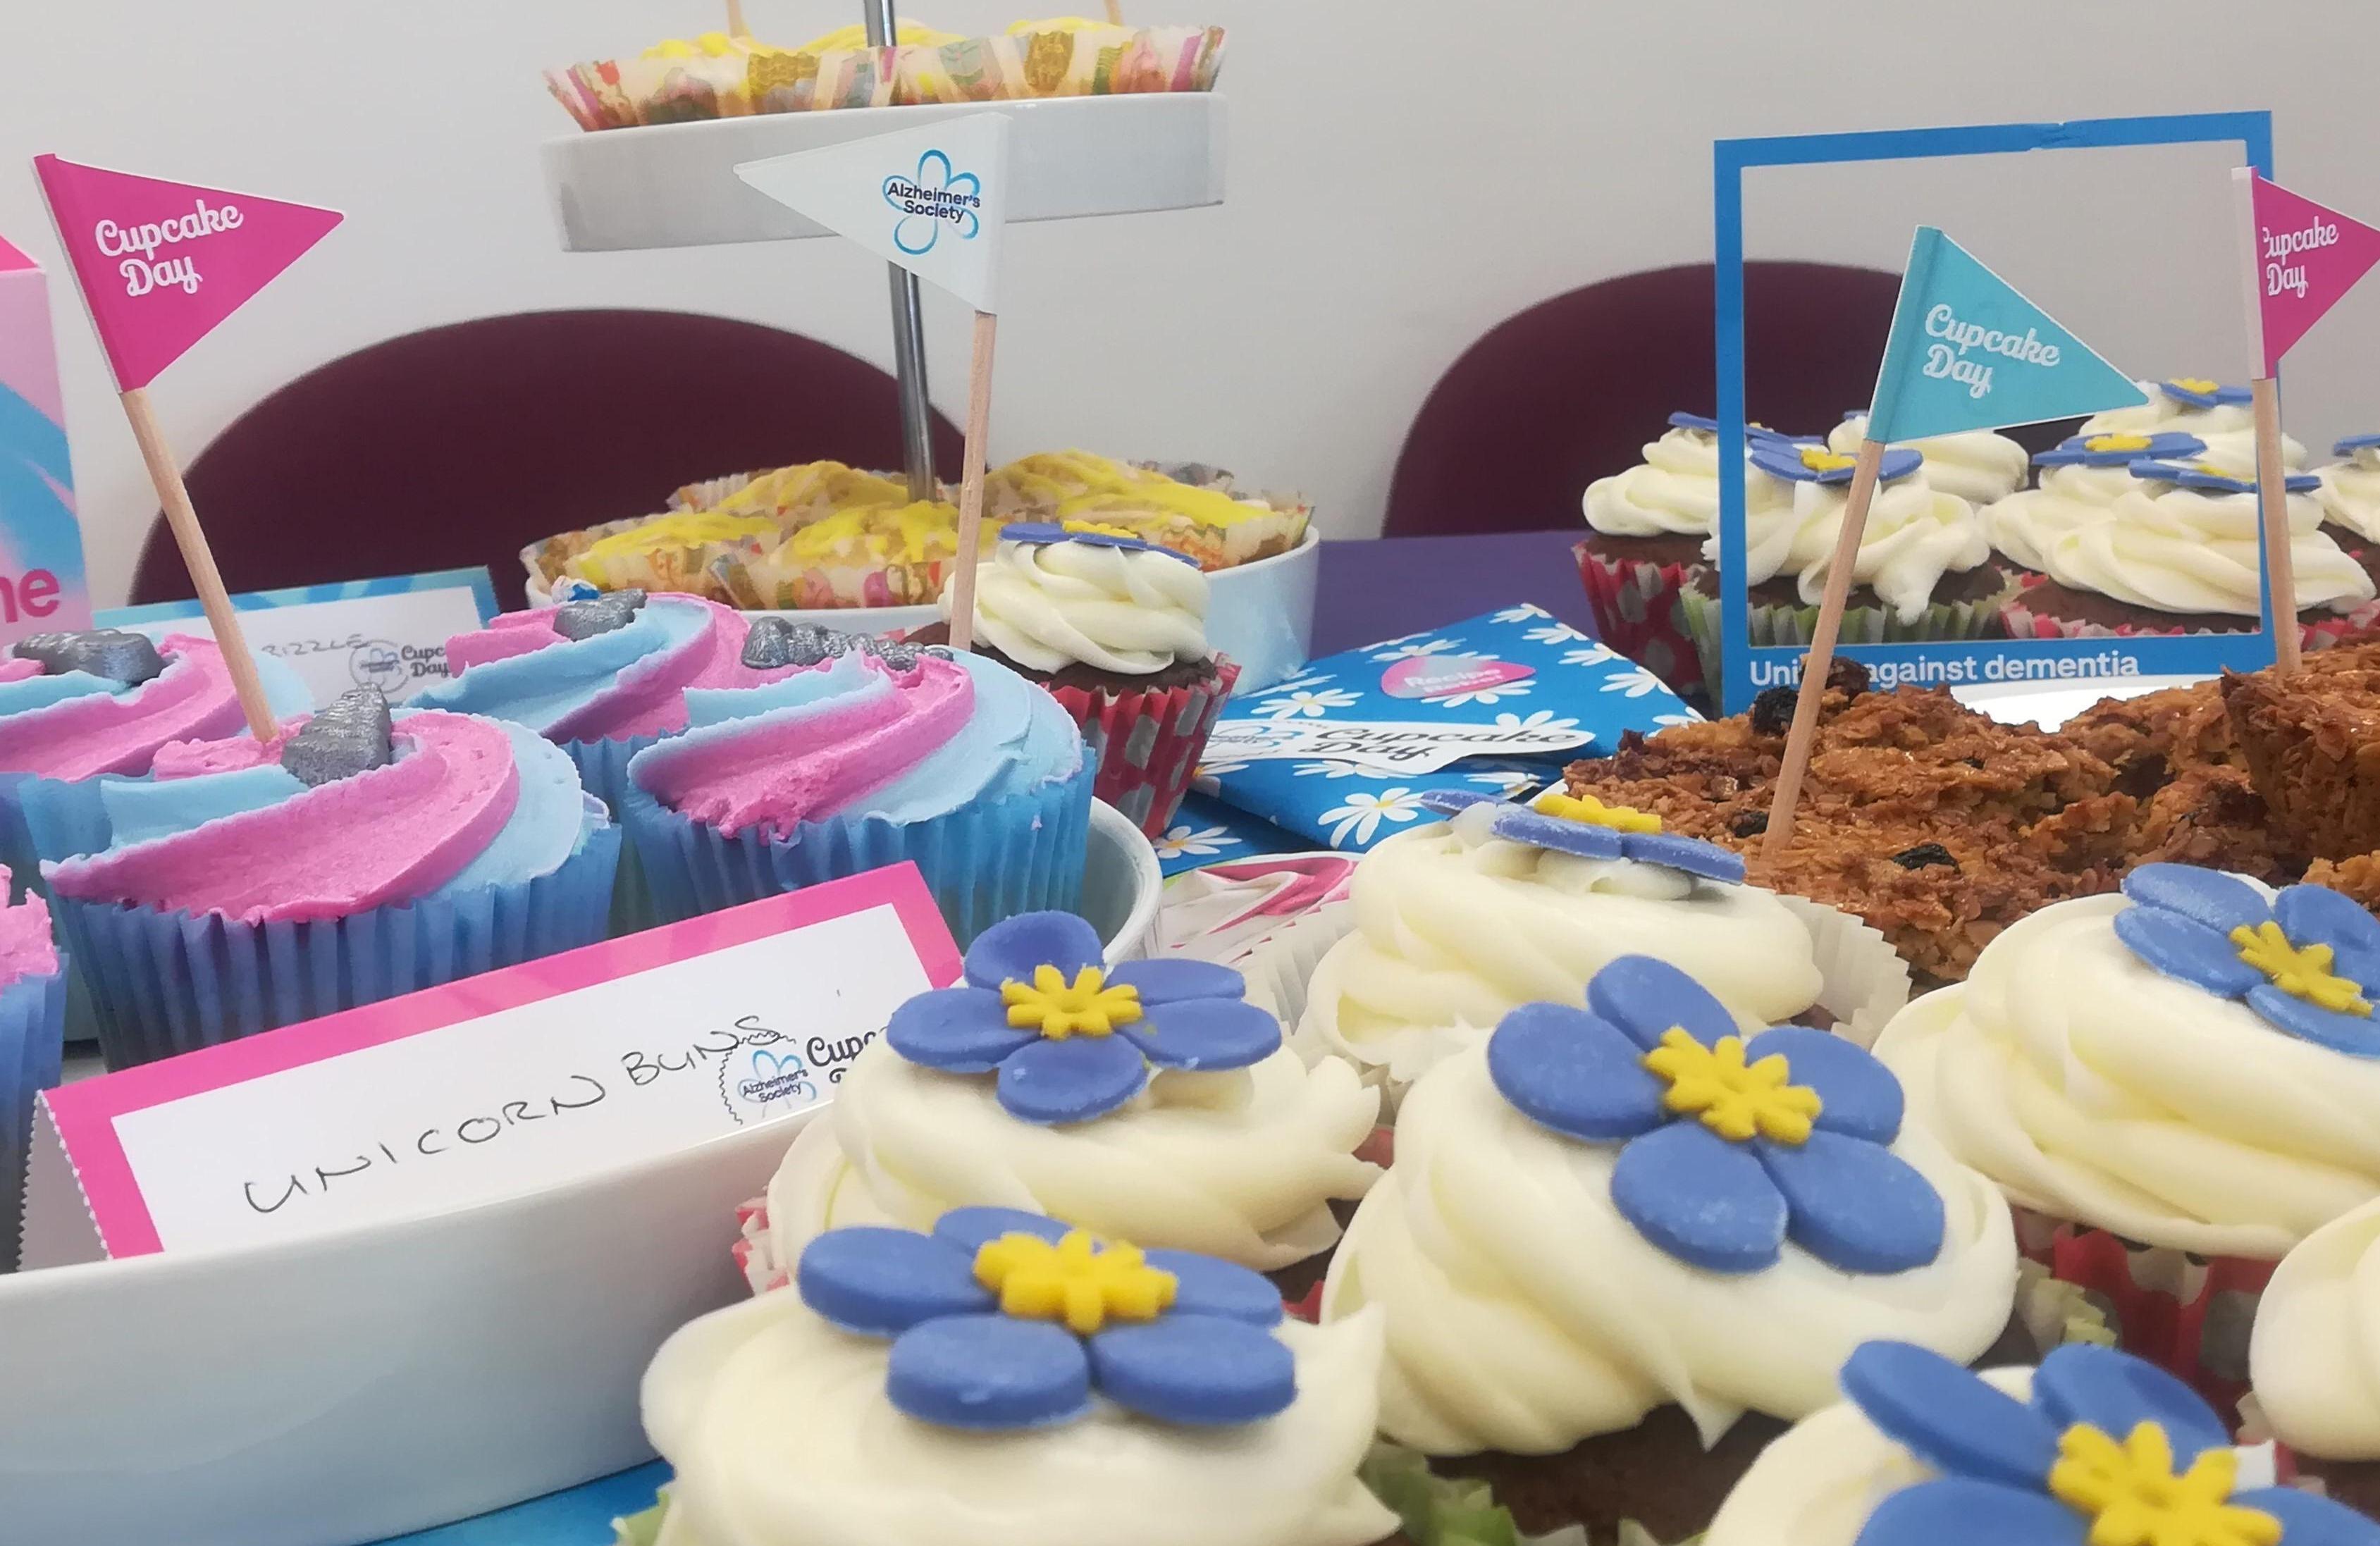 Dementia Cupcake Day